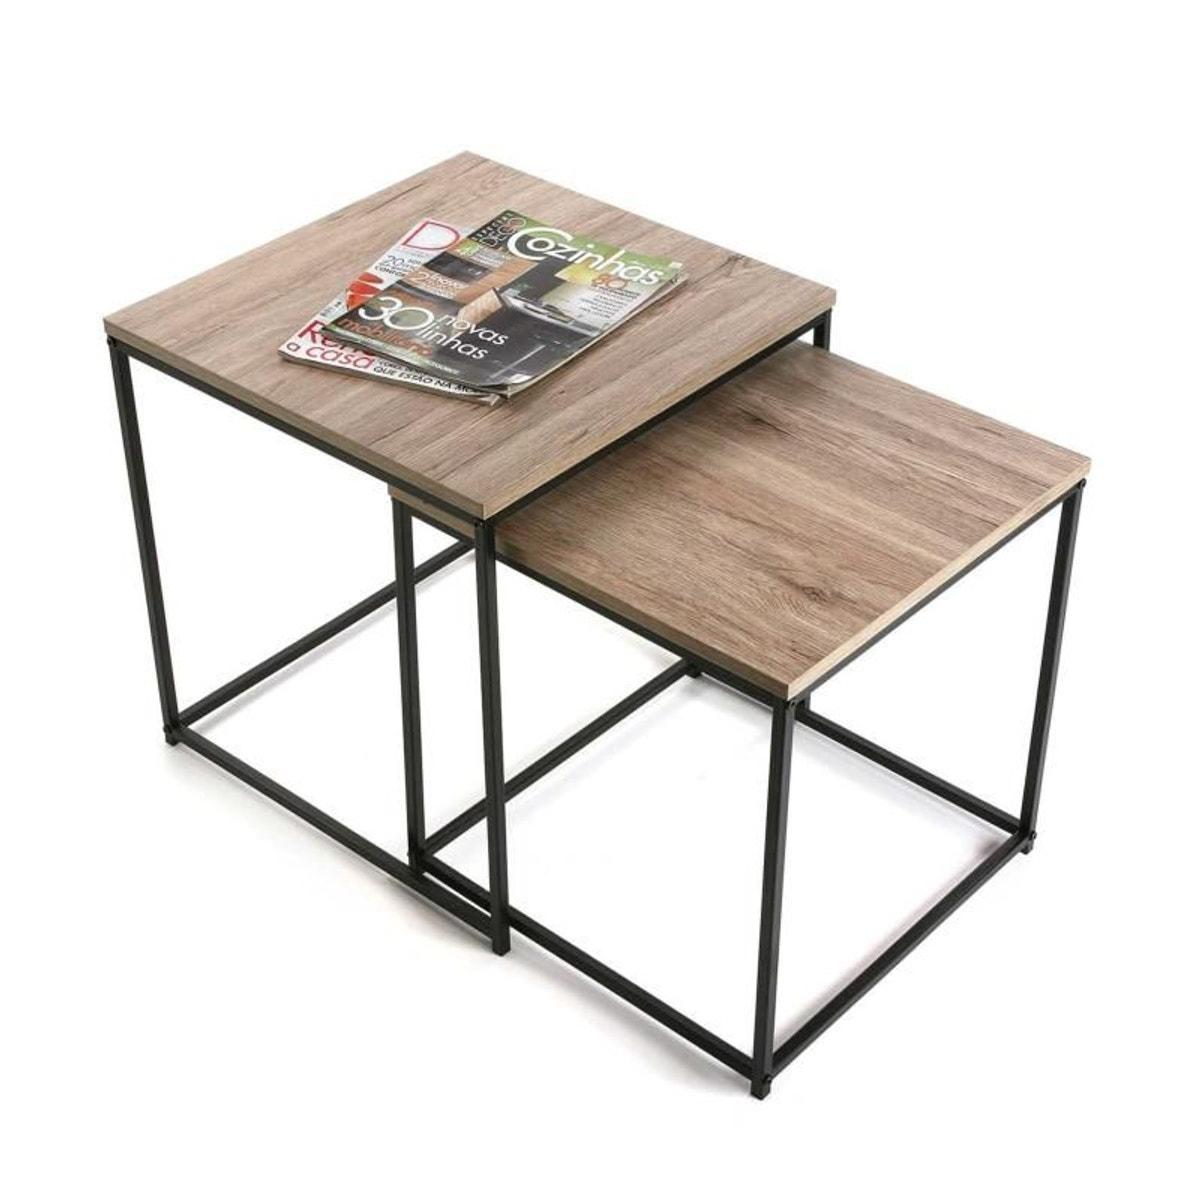 Tables Basses Ajustables Lot De 2 Table Basse Plateau Bois